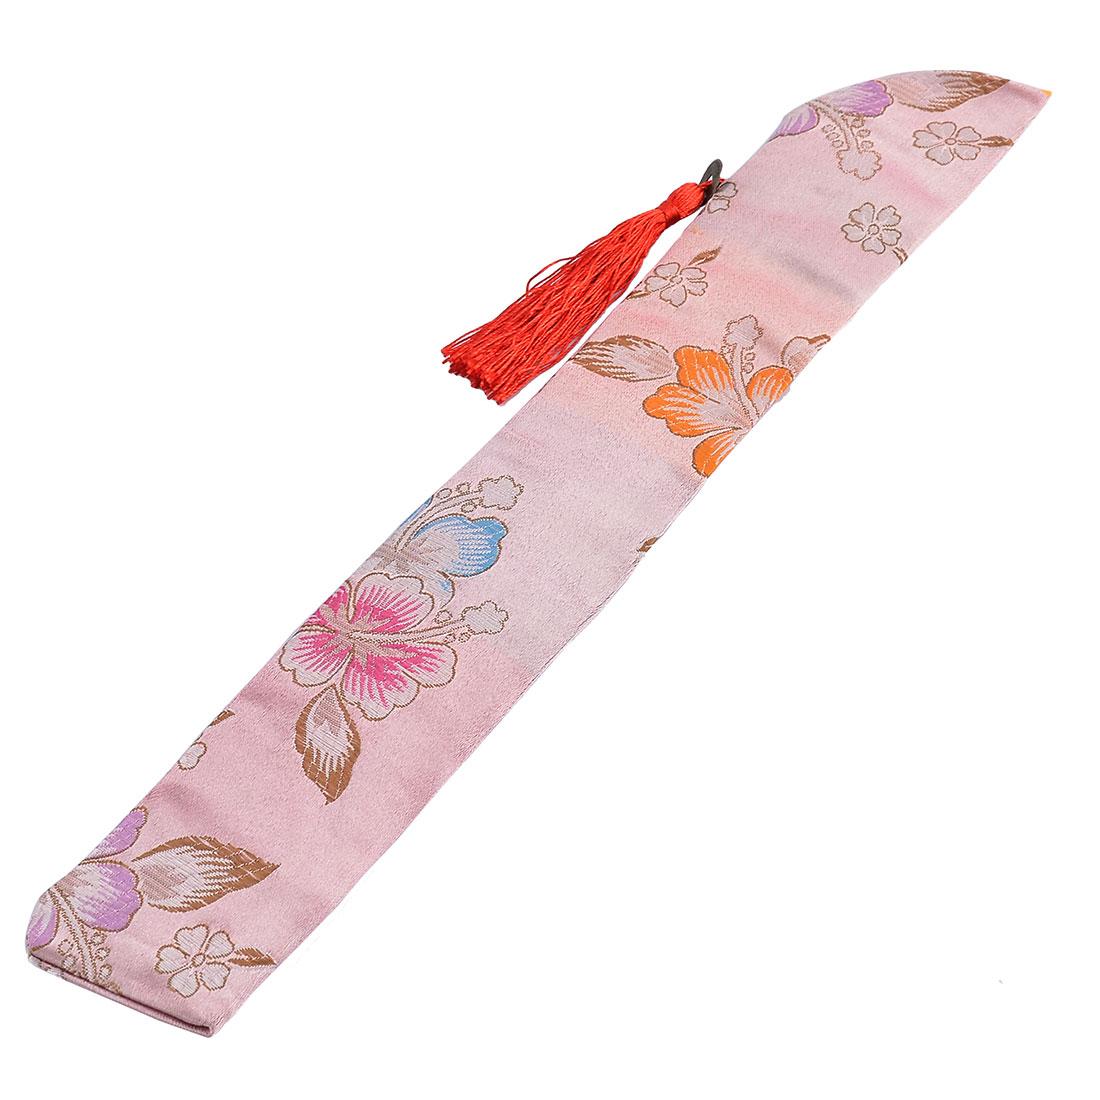 Vintage Style Tassel Copper Pendant Flower Pattern Hand Held Folding Fan Pouch Fabric Pink